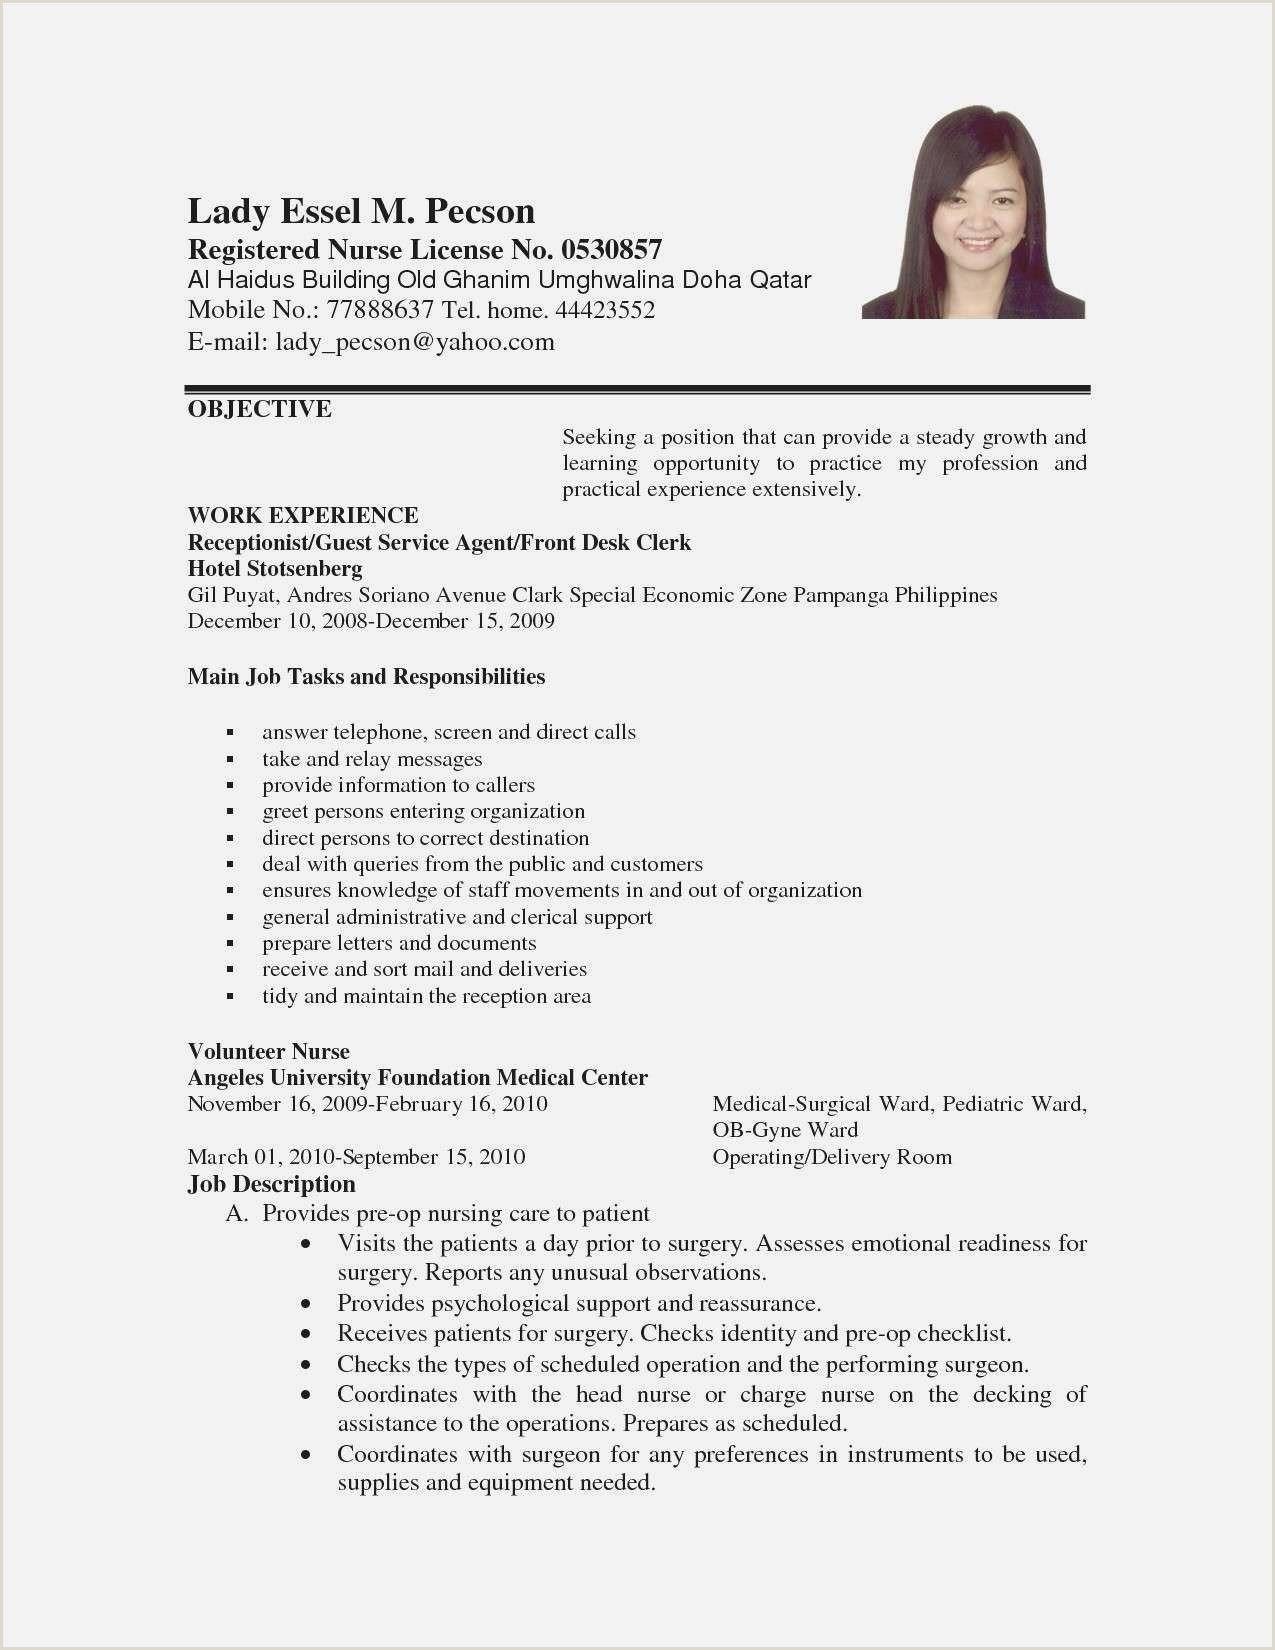 Europass Cv format Sample Exemple De Cv Europass élégant Fresh Blank Resume format